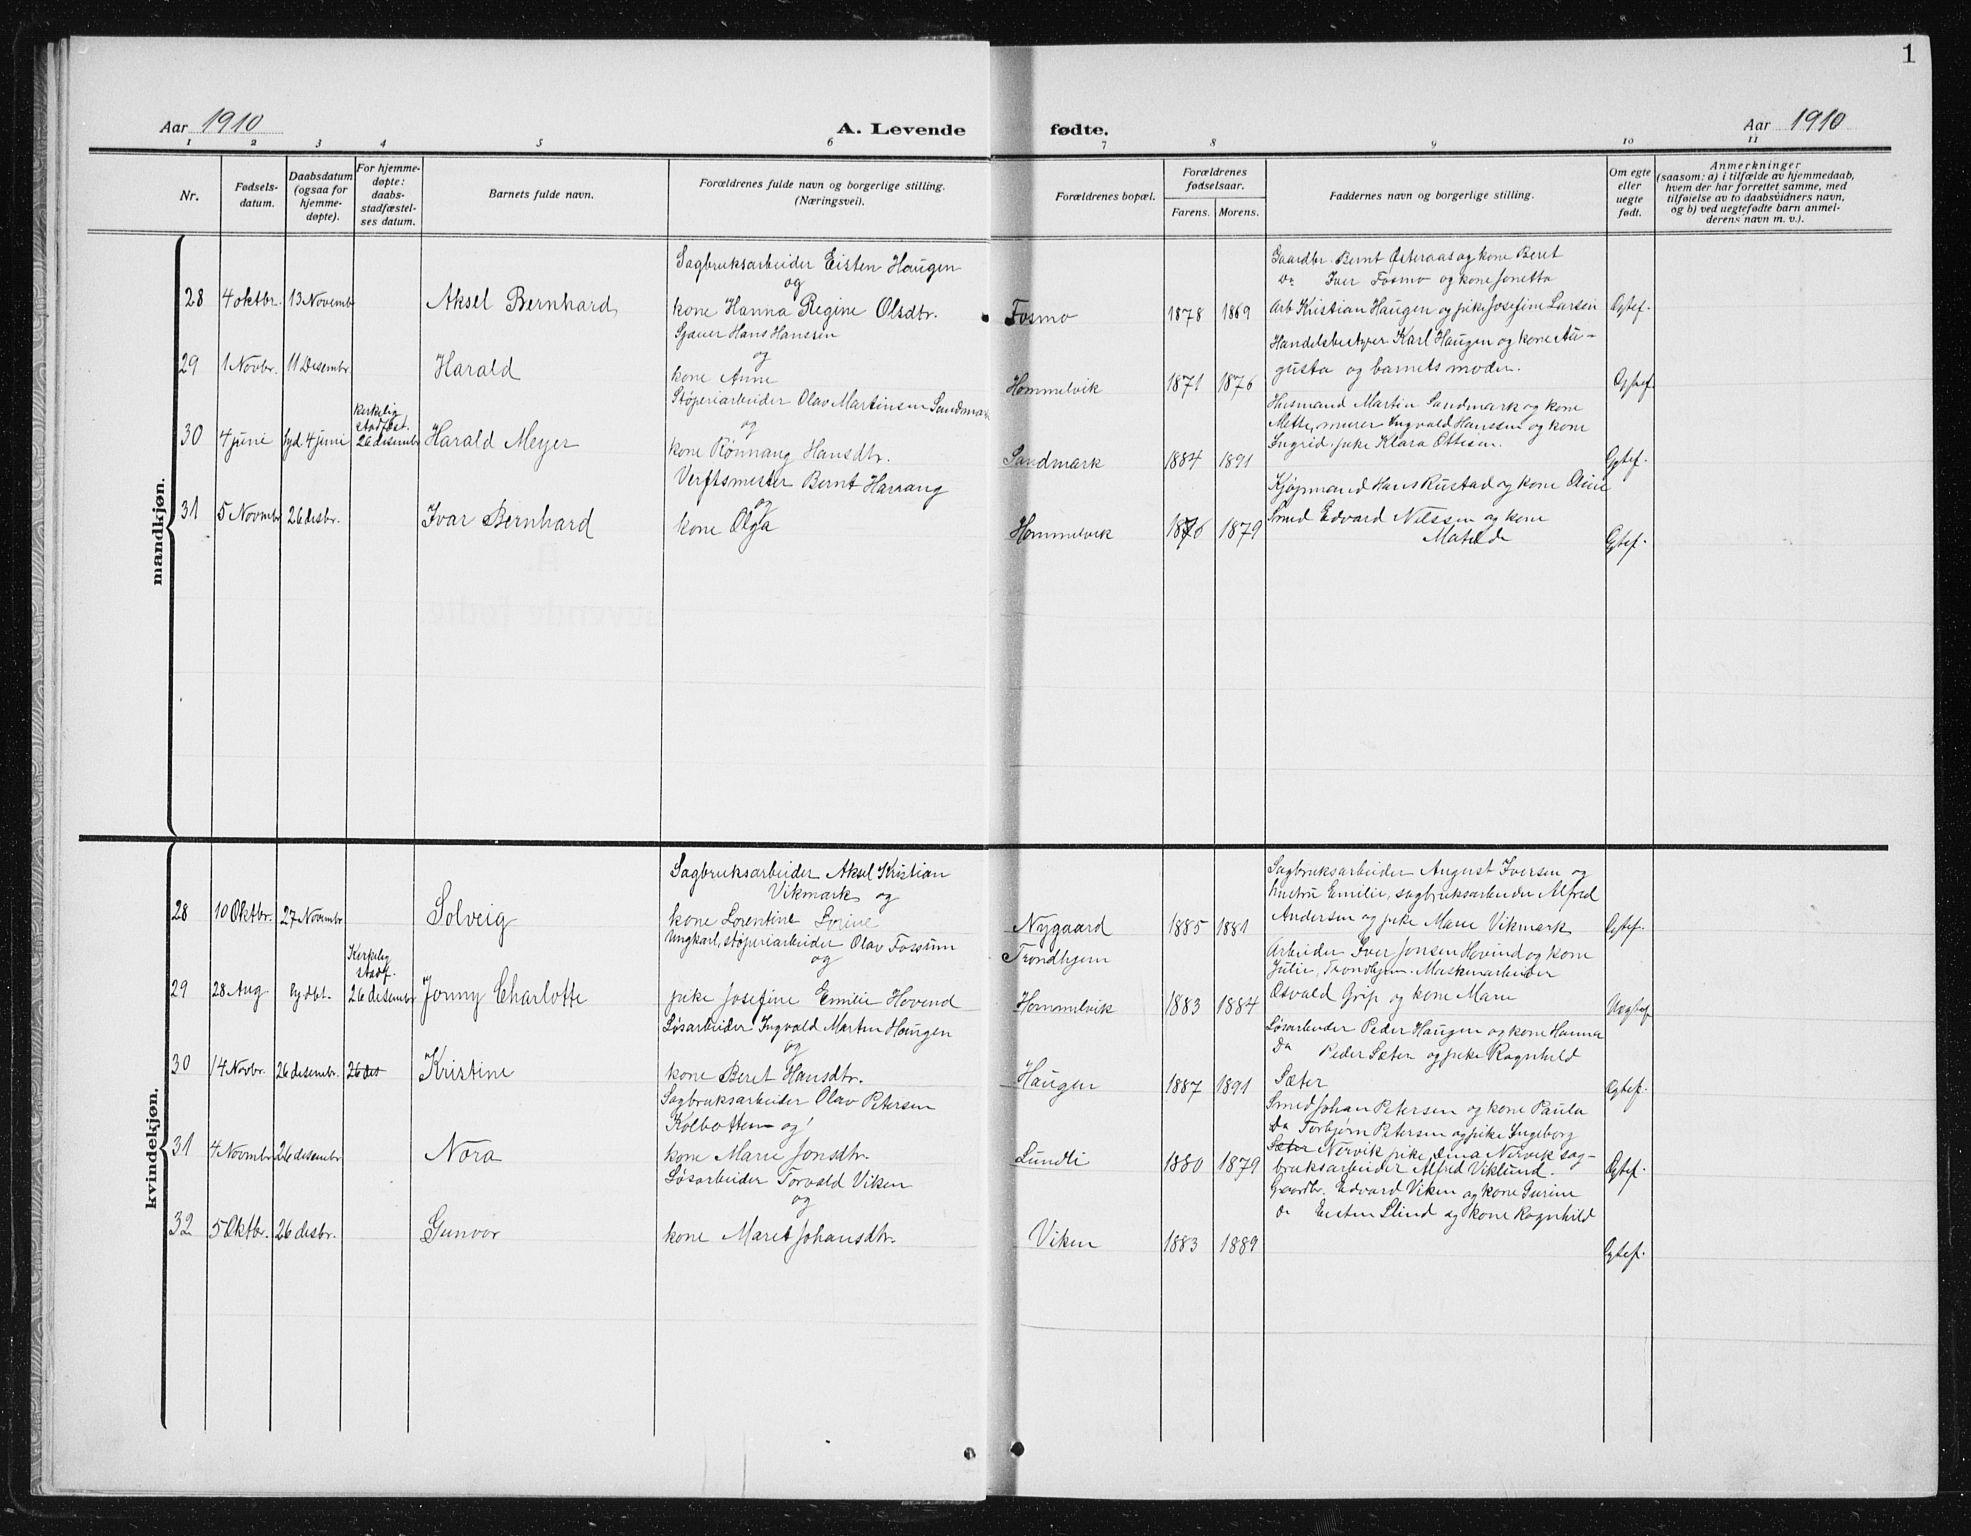 SAT, Ministerialprotokoller, klokkerbøker og fødselsregistre - Sør-Trøndelag, 617/L0431: Klokkerbok nr. 617C02, 1910-1936, s. 1